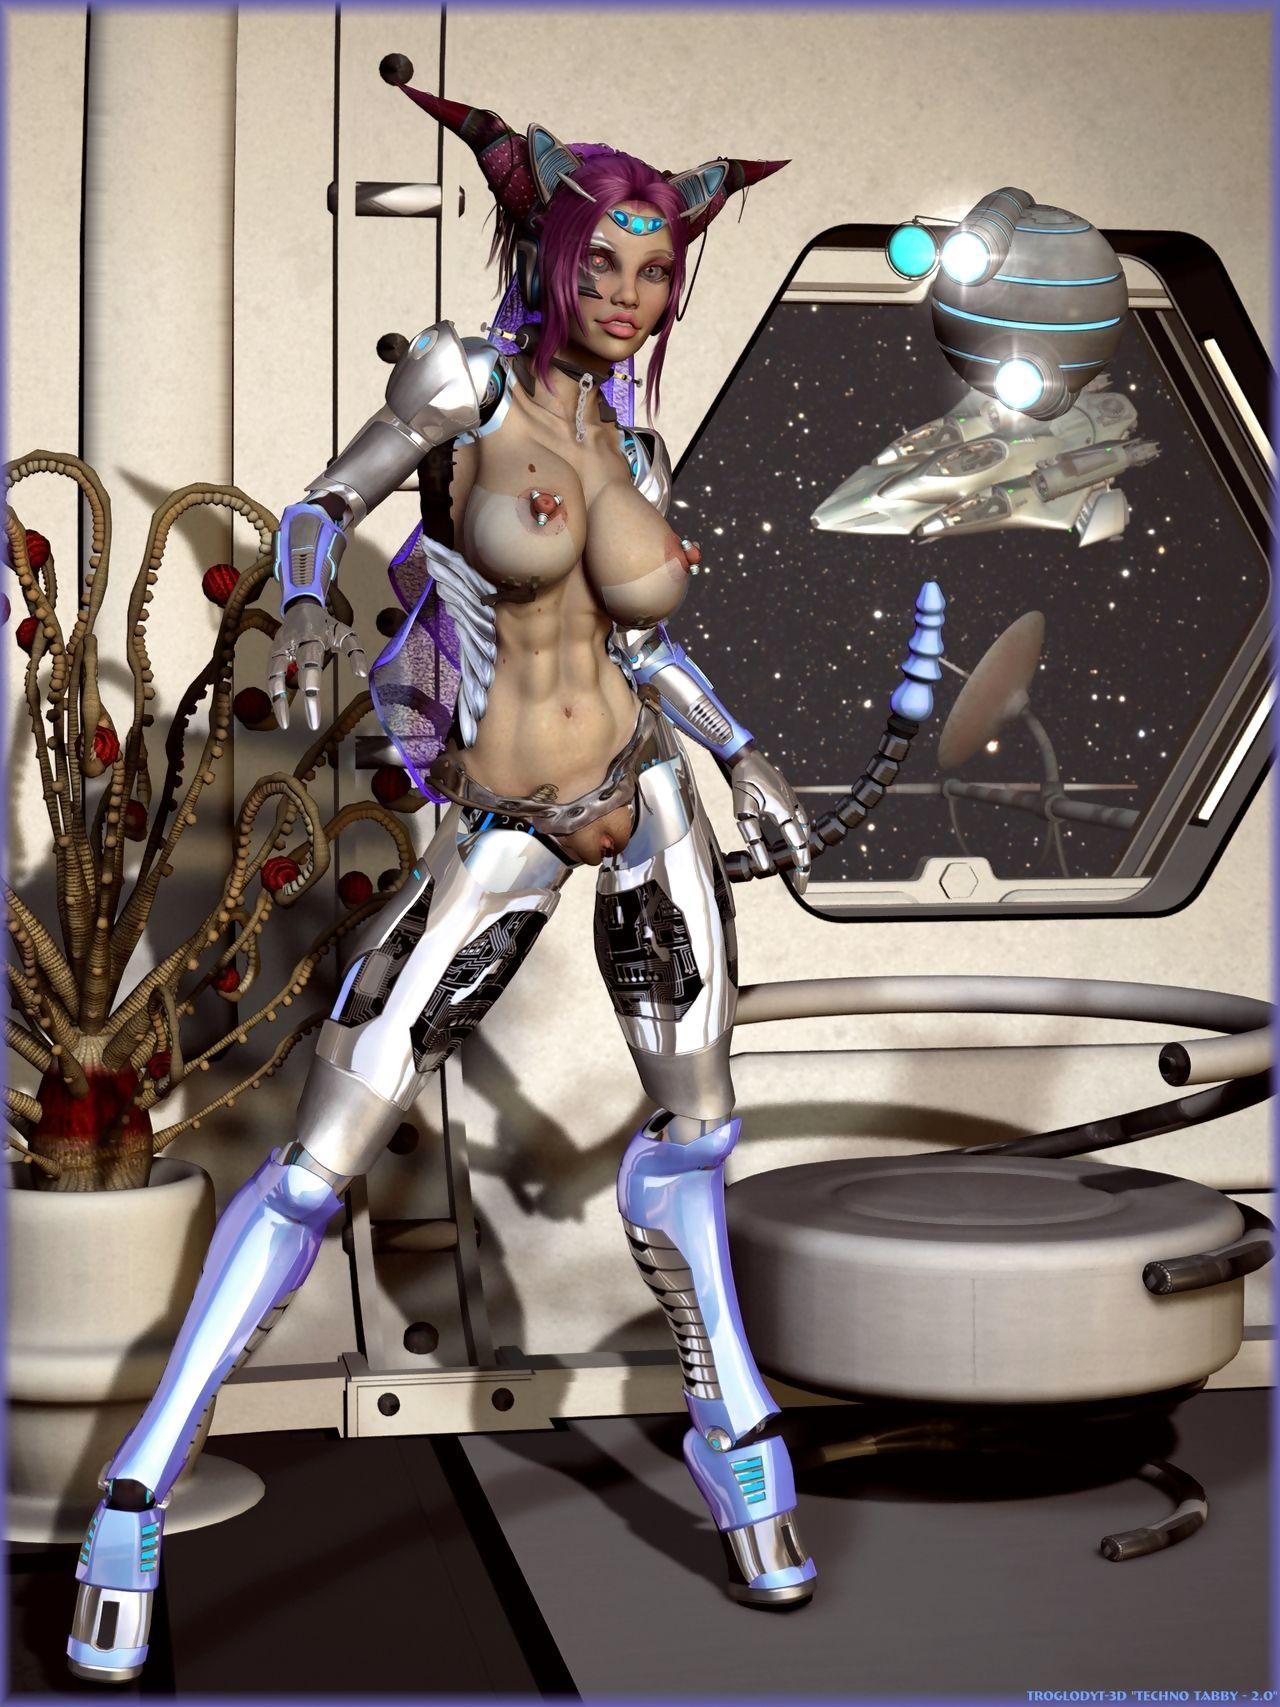 Demongirls & Scifi 3D veranda - fidelity 2